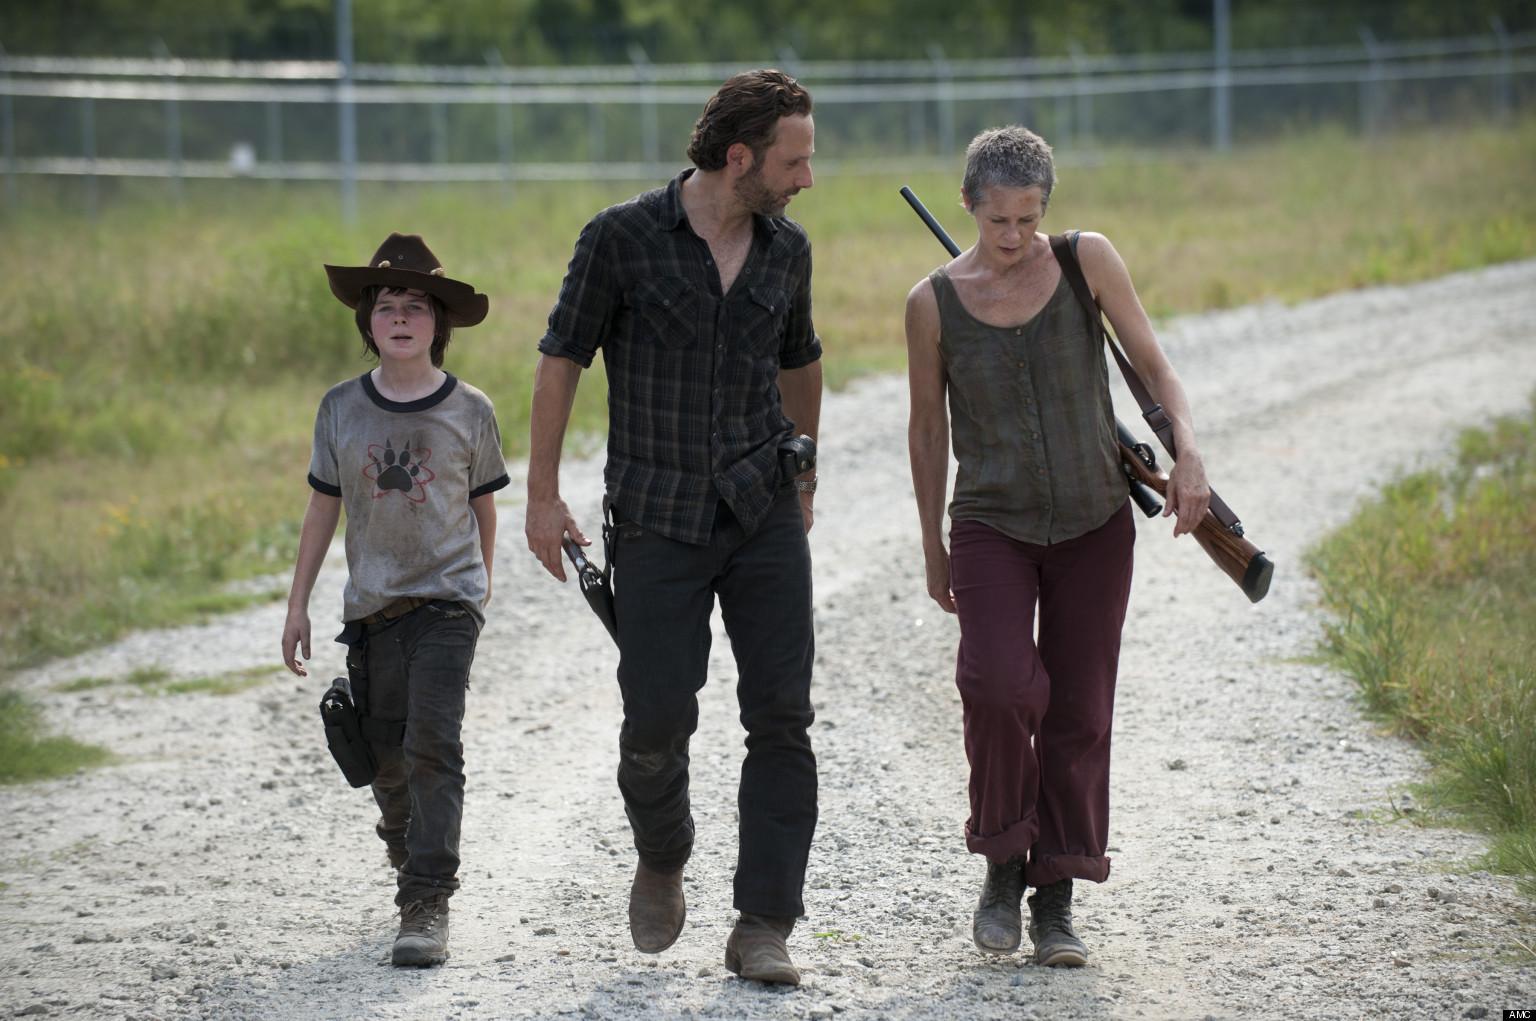 Carl The Walking Dead Actor 2013 'the Walking Dead' Carl is